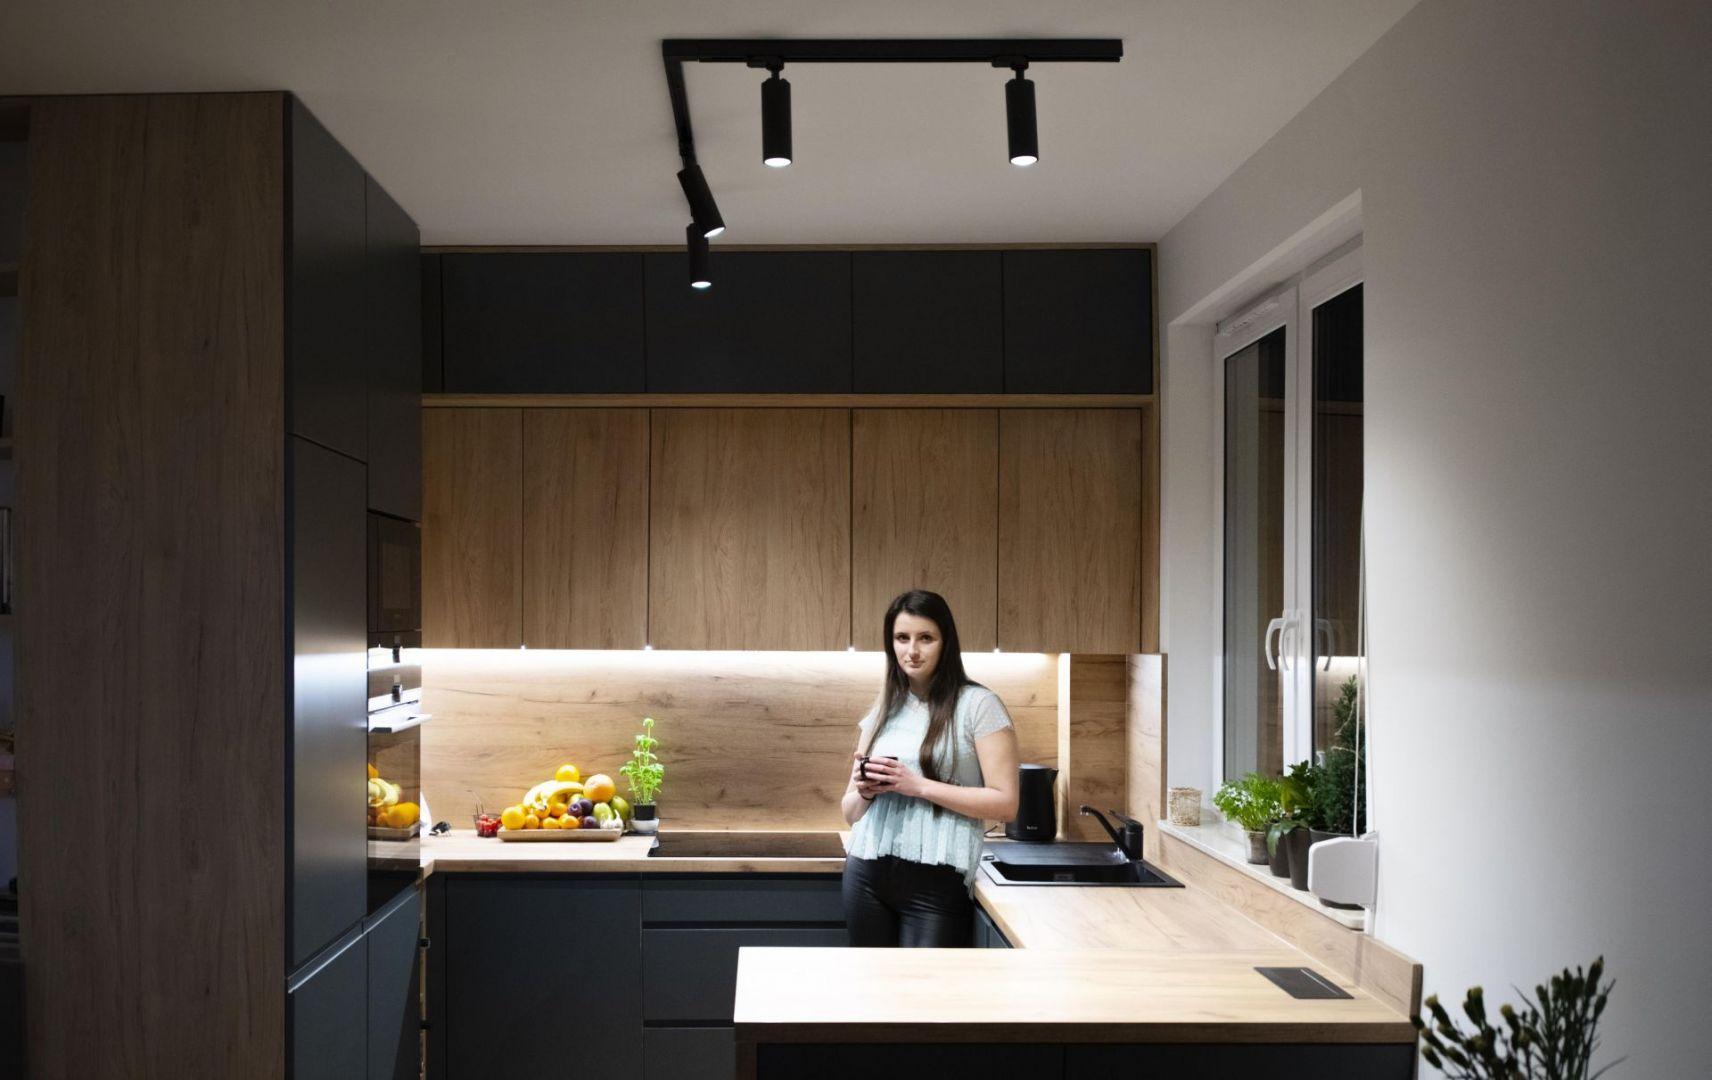 Szynoprzewody to idealne oświetlenie do każdego pomieszczenia. Sprawdzą się w salonie, w kuchni, w jadalni, w sypialni, w korytarzu oraz w łazience. Na zdjęciu: Kanlux ACORD ATL1. Fot. Kanlux